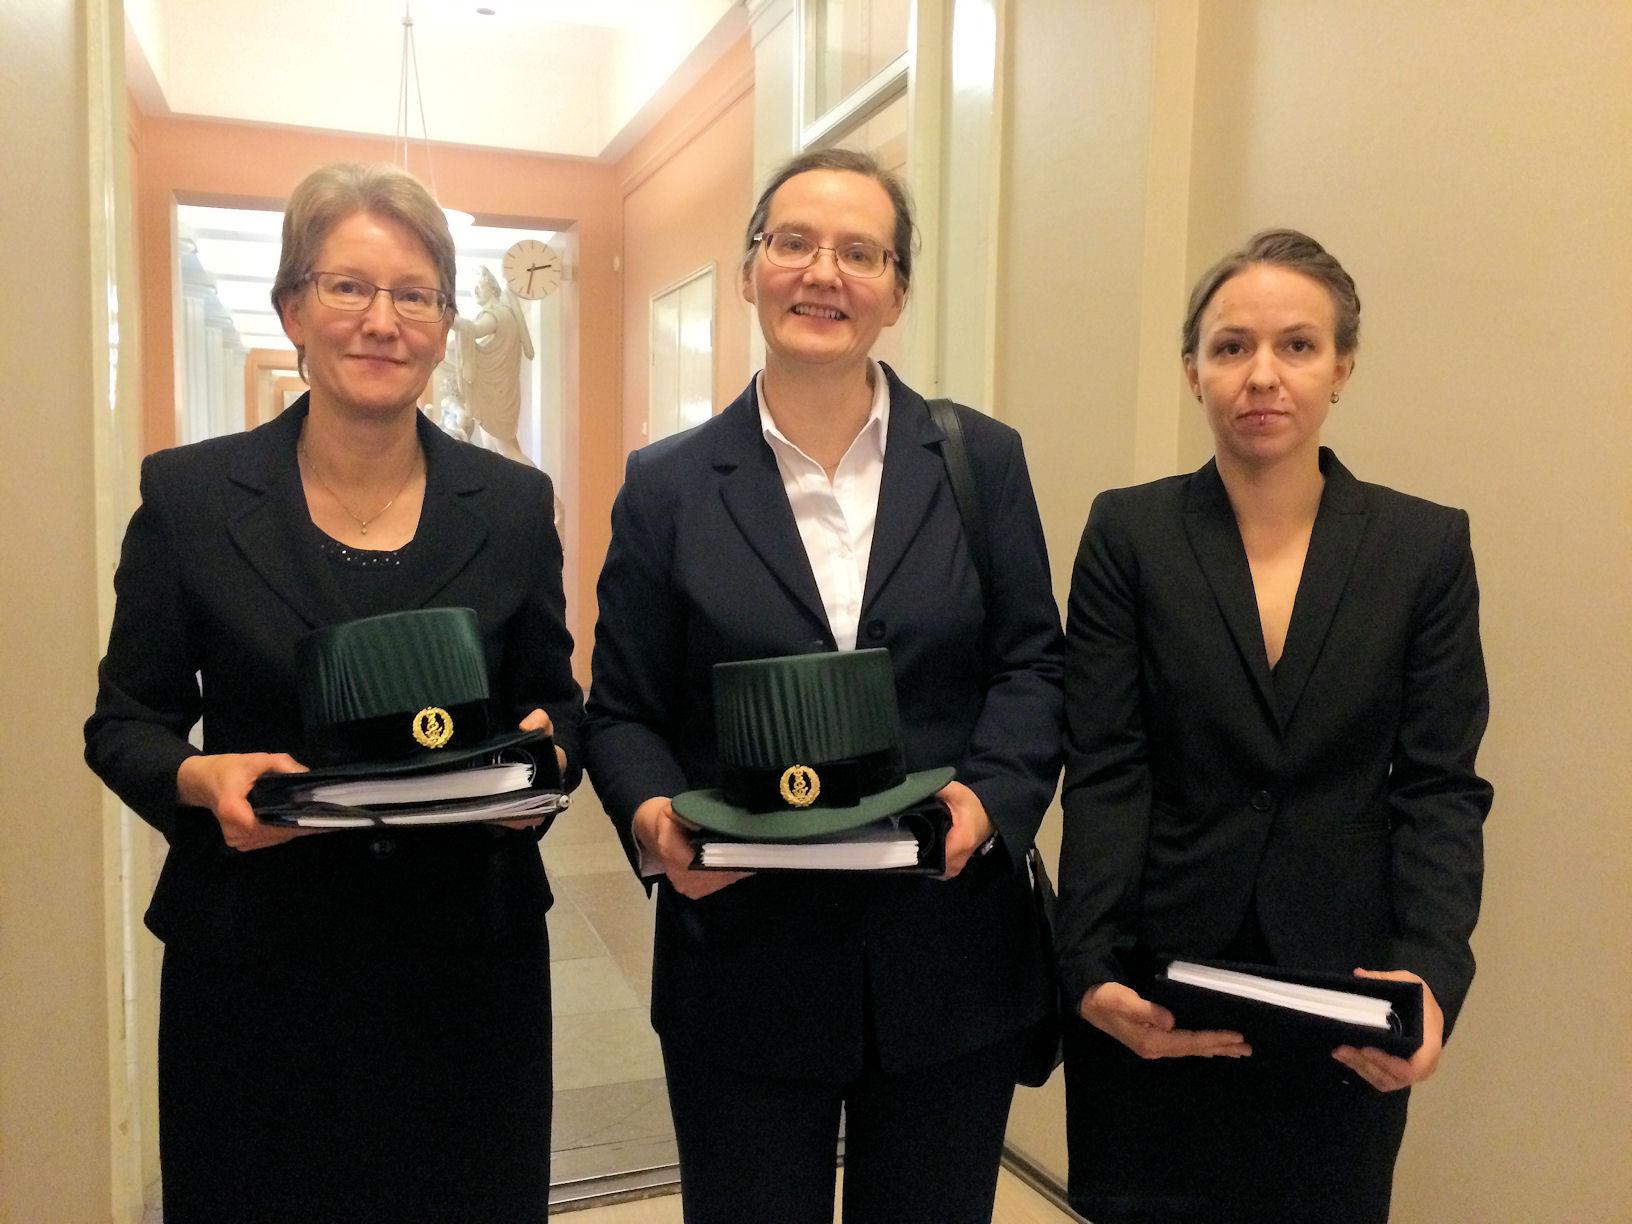 Prof. Anne Kallioniemi, Prof. Päivi Peltomäki and M.Sc Emmi Joensuu. Kuvaaja: Annette Gylling